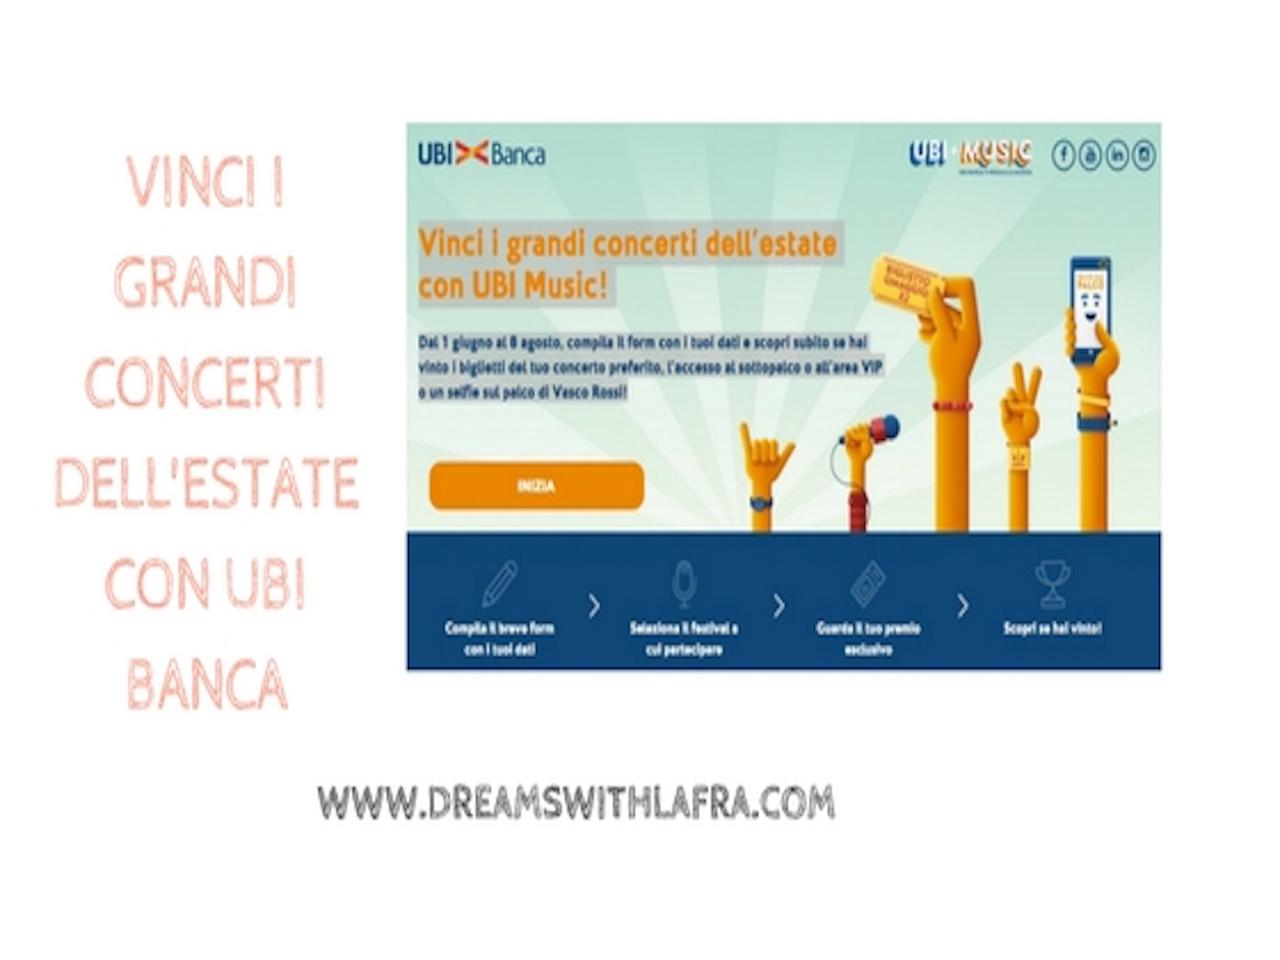 Concerti estate 2016 con UBI banca